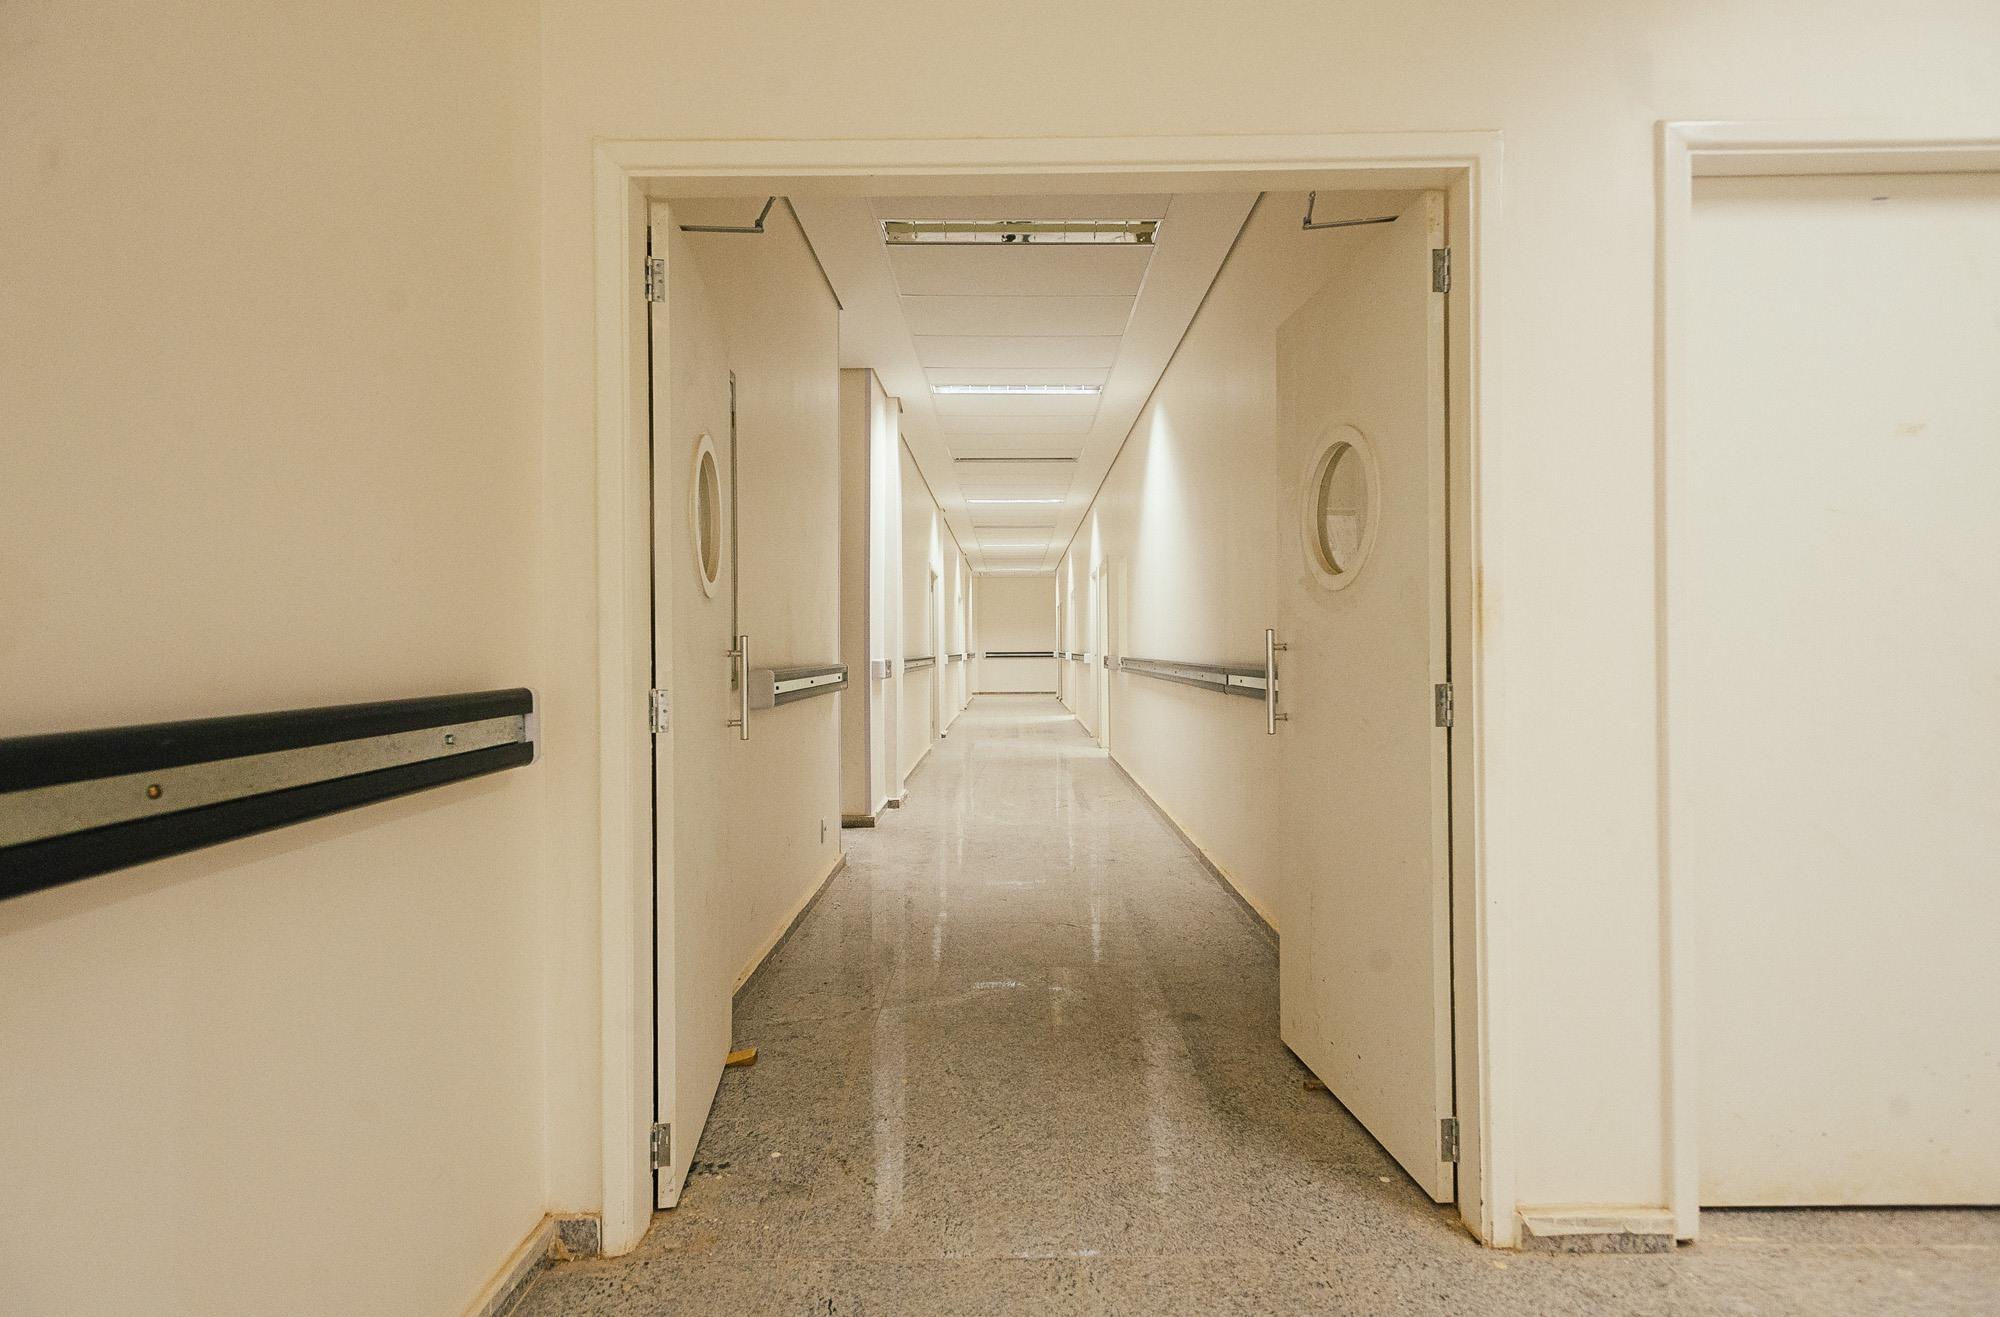 Cinco hospitais municipais já contam com a tecnologia (Crédito: Divulgação Prefeitura)